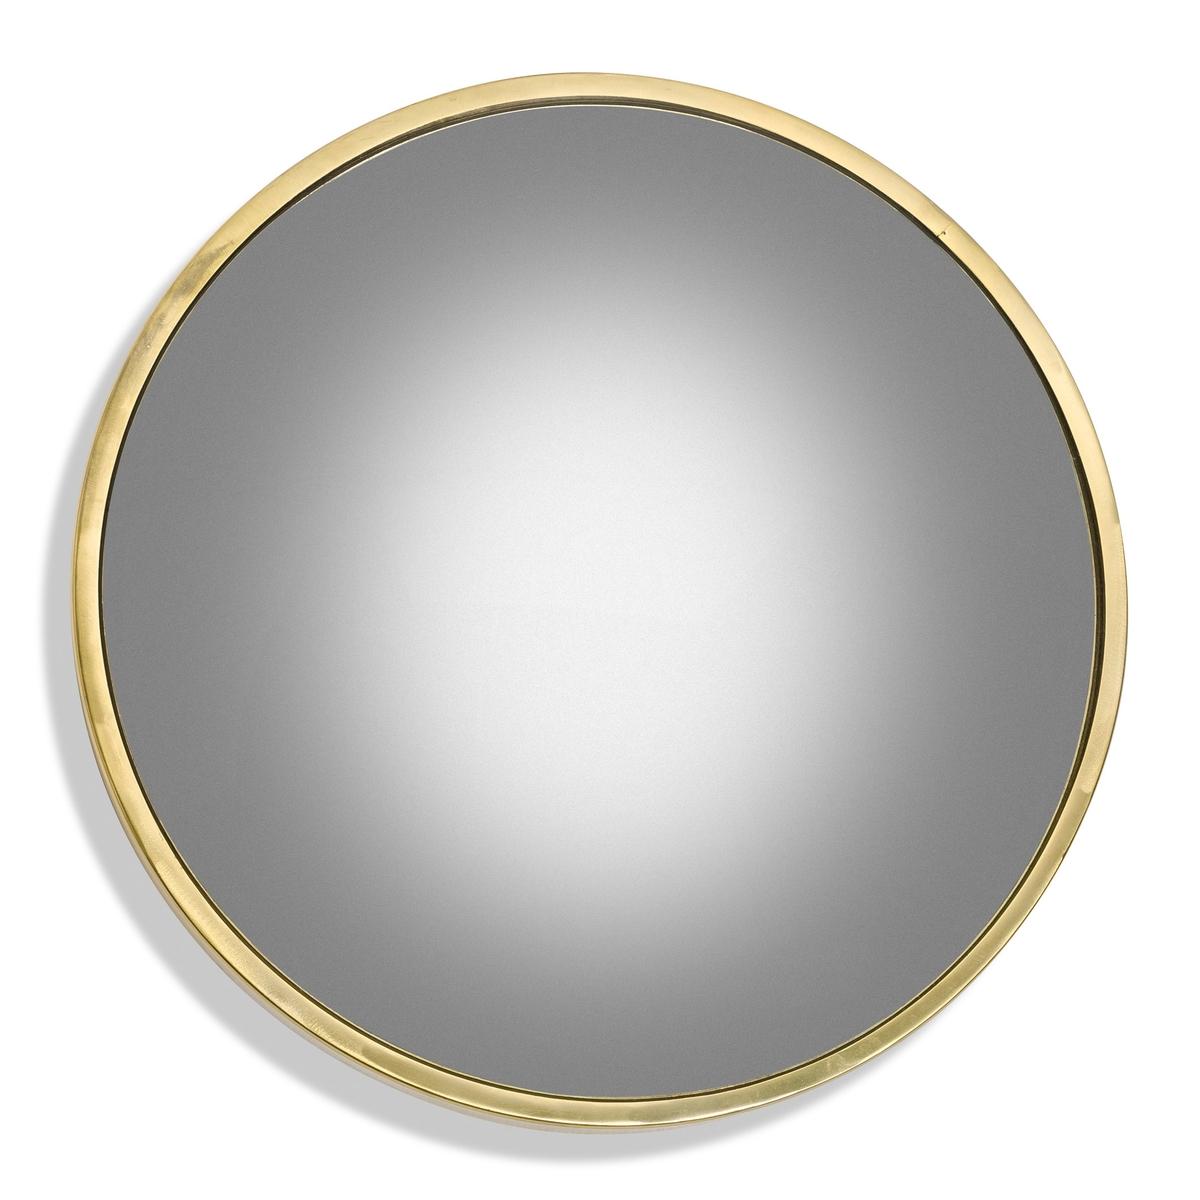 Зеркало волшебное Mombo, большая модель ?58 см<br><br>Цвет: латунь<br>Размер: единый размер